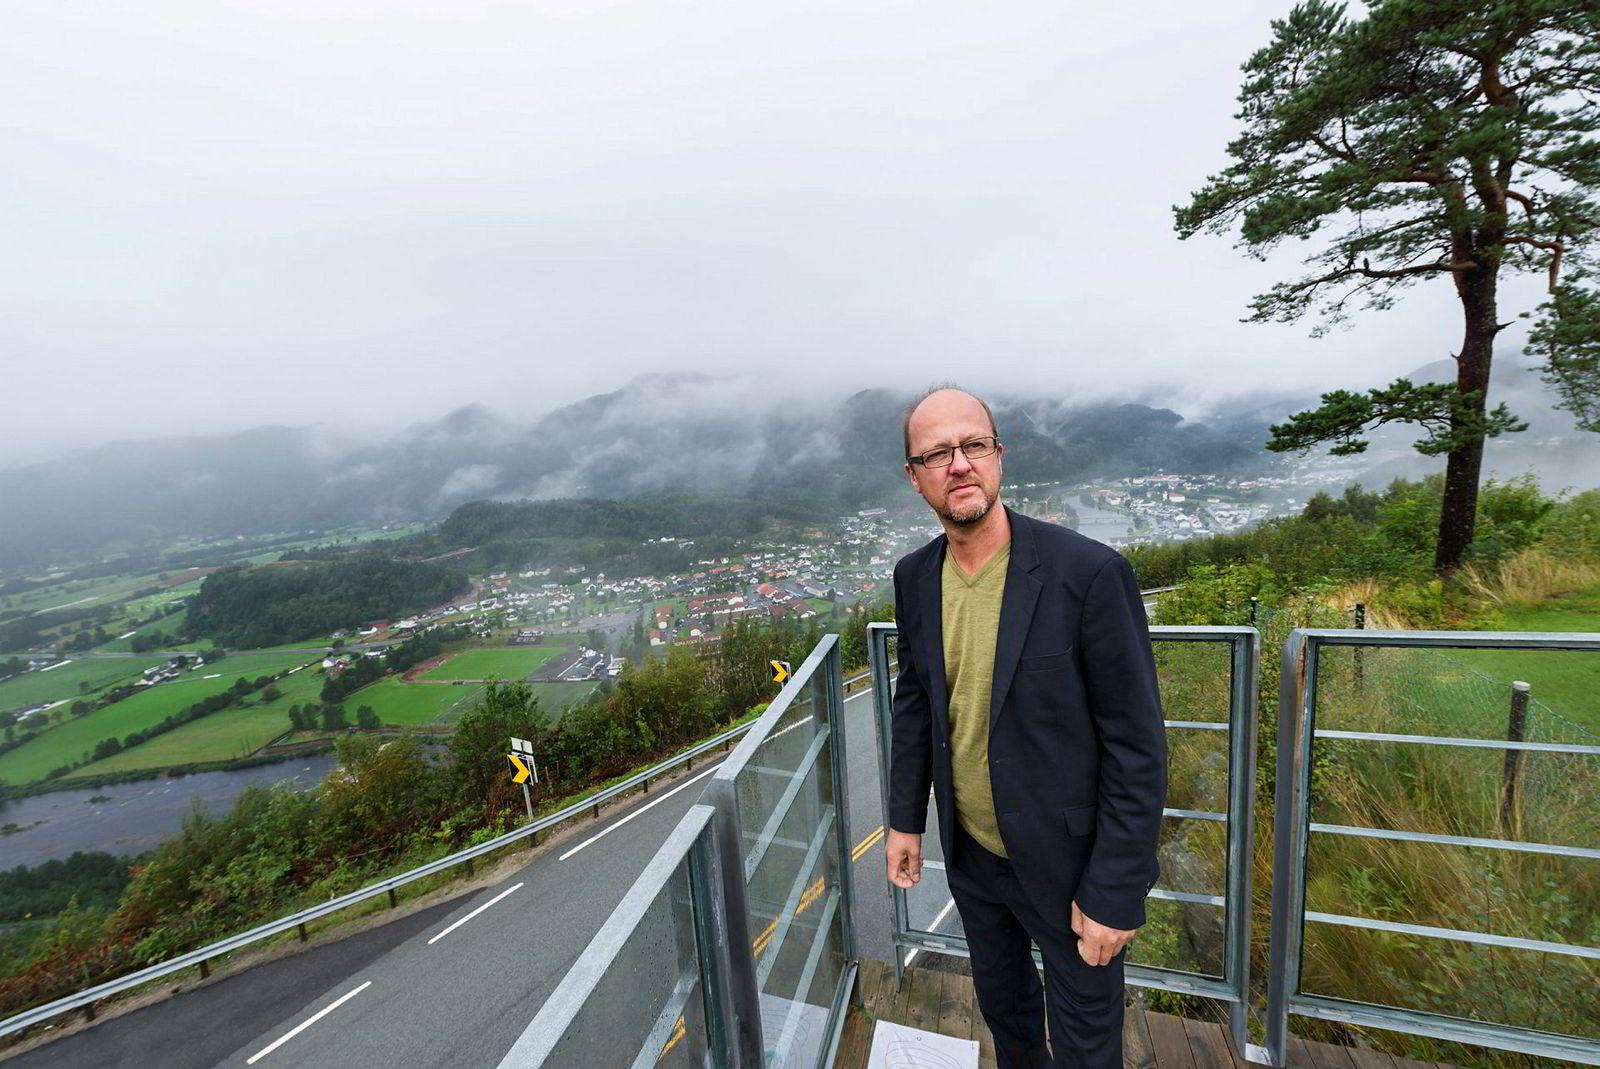 Trond Moi legger ned driften av Bølgen&Moi i Kristiansand med tungt hjerte. – Det er en helt absurd og uvirkelig situasjon, sier han. Her fra en tidligere anledning i hjembygda Kvinesdal.